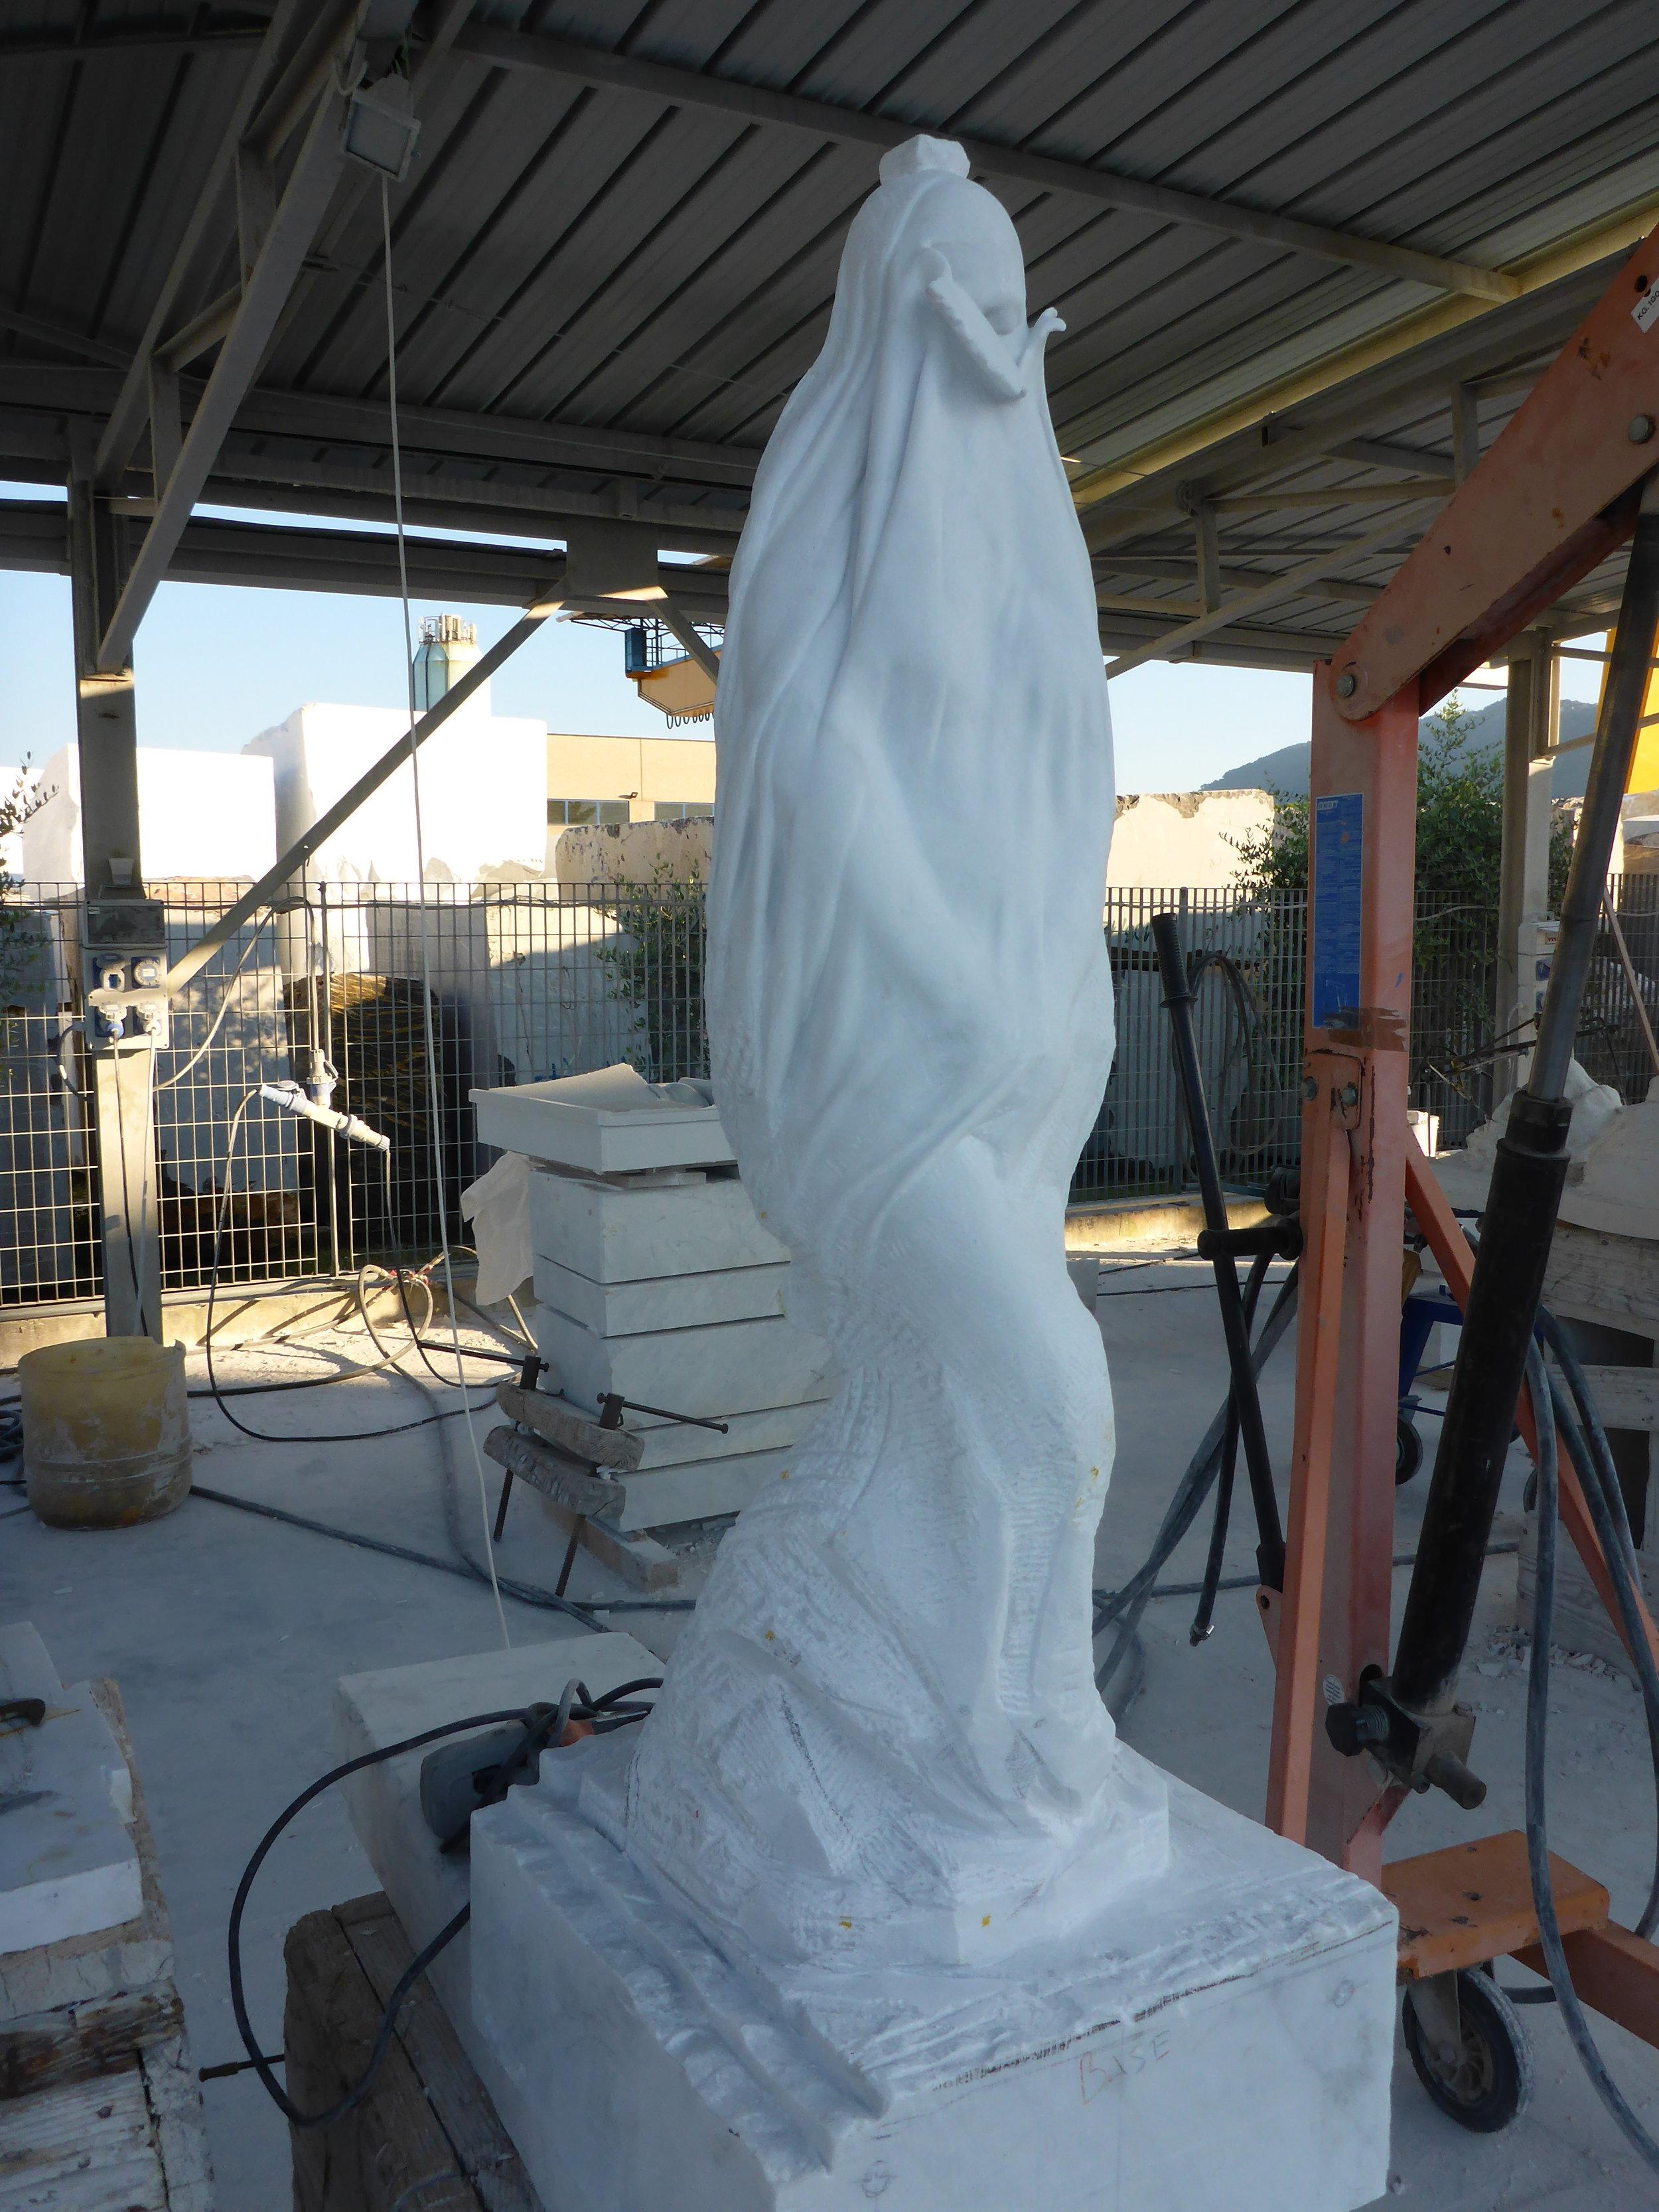 New-York-Academy-of-Art-Carrara-Residency-Josh-Henderson-Heena-Kim20140707_0125.JPG